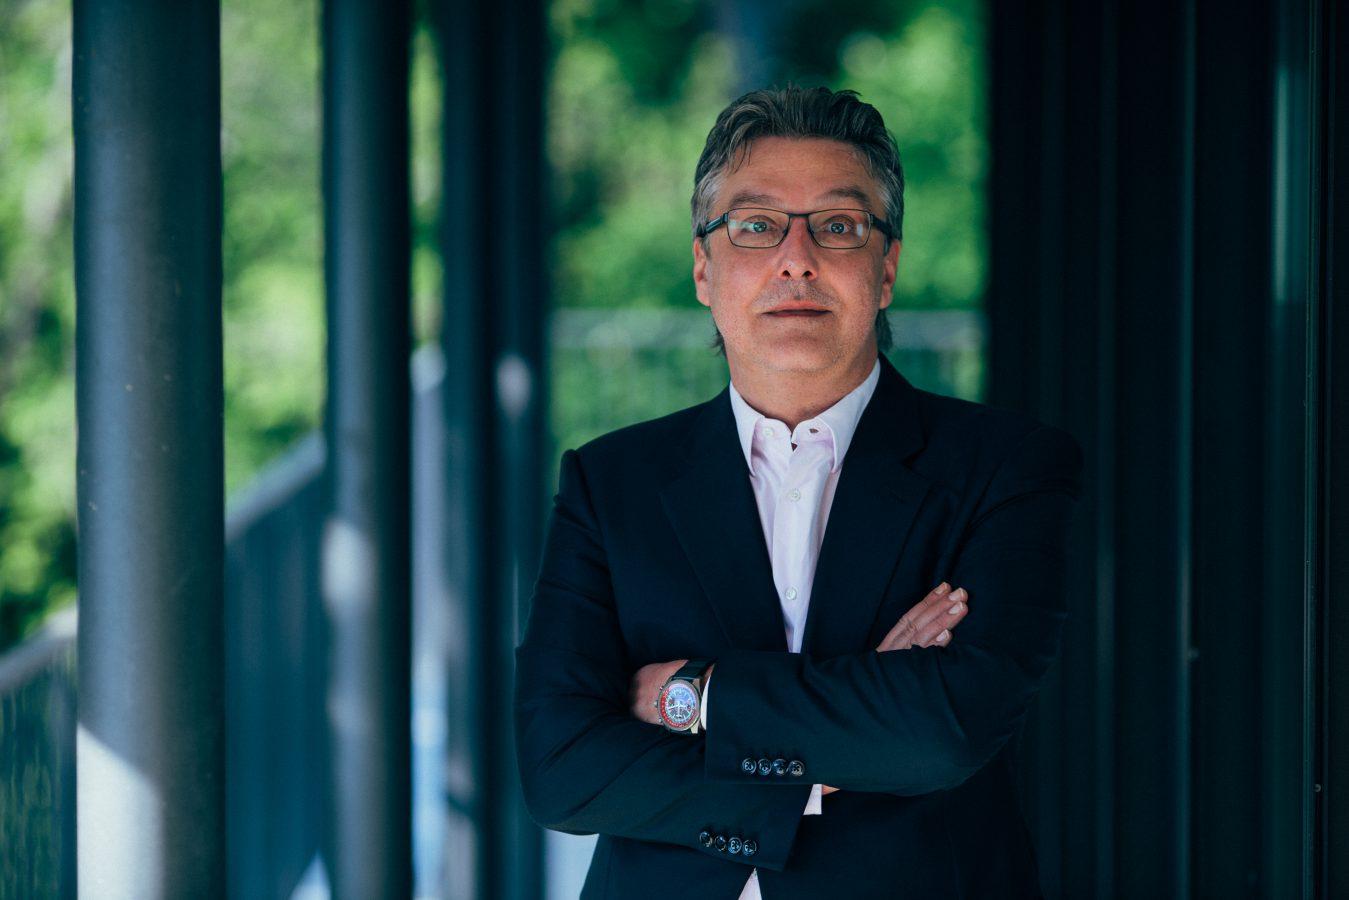 Interview de Christoph Staeuble: le respect de l'écologie et des animaux sont des valeurs qui parlent aux consommateurs d'aujourd'hui